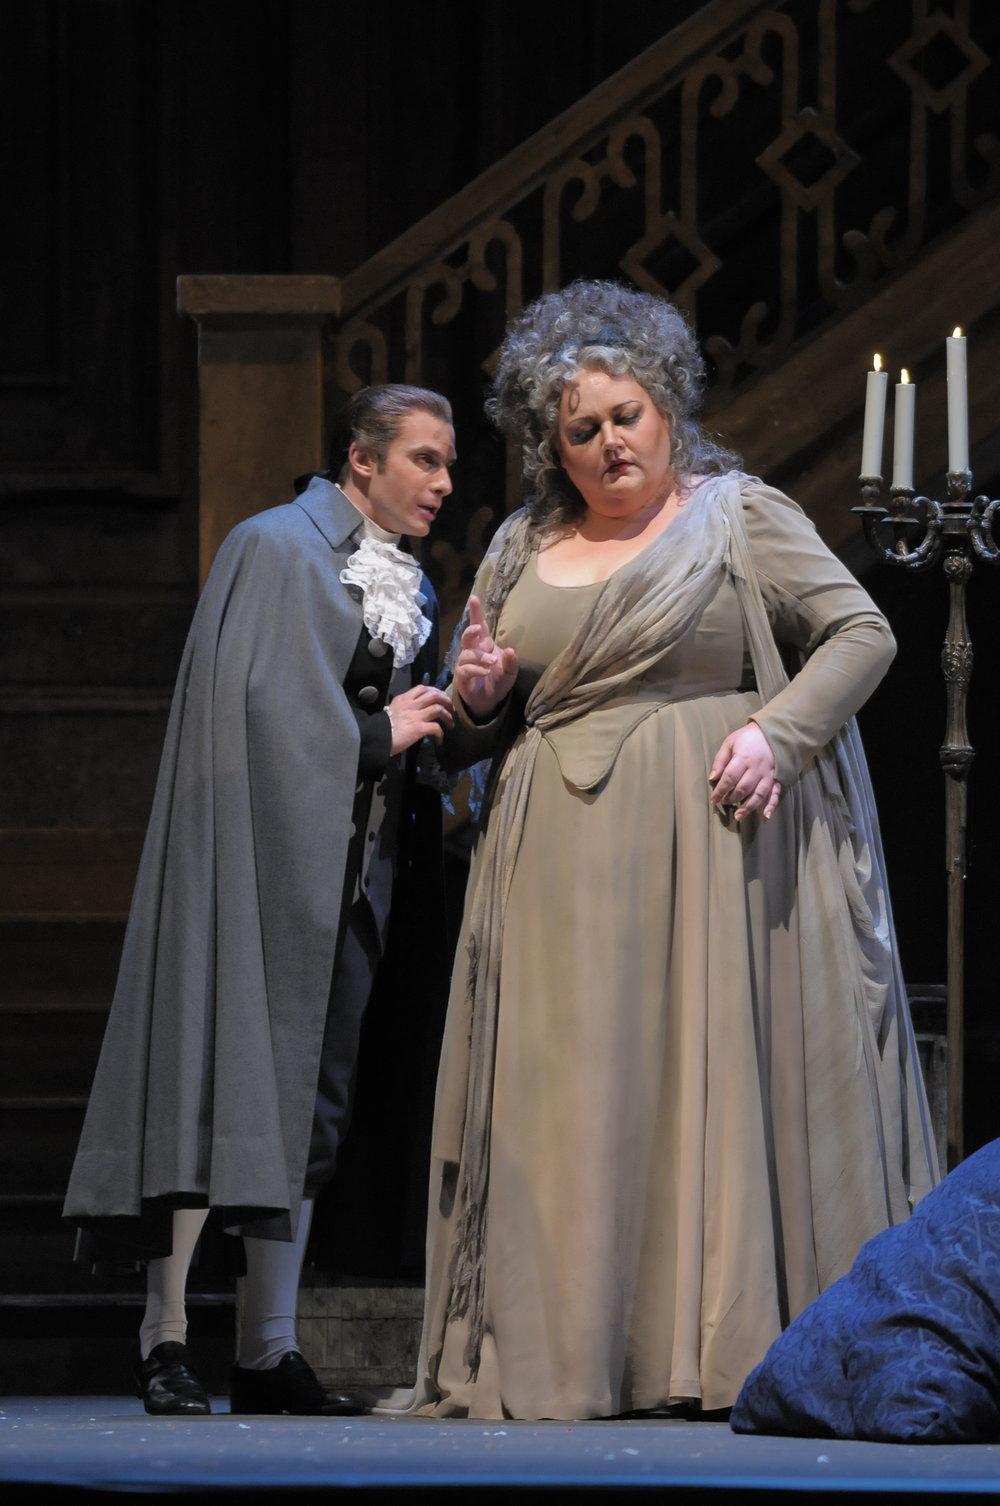 Un ballo in maschera - Lyric Opera of Chicago